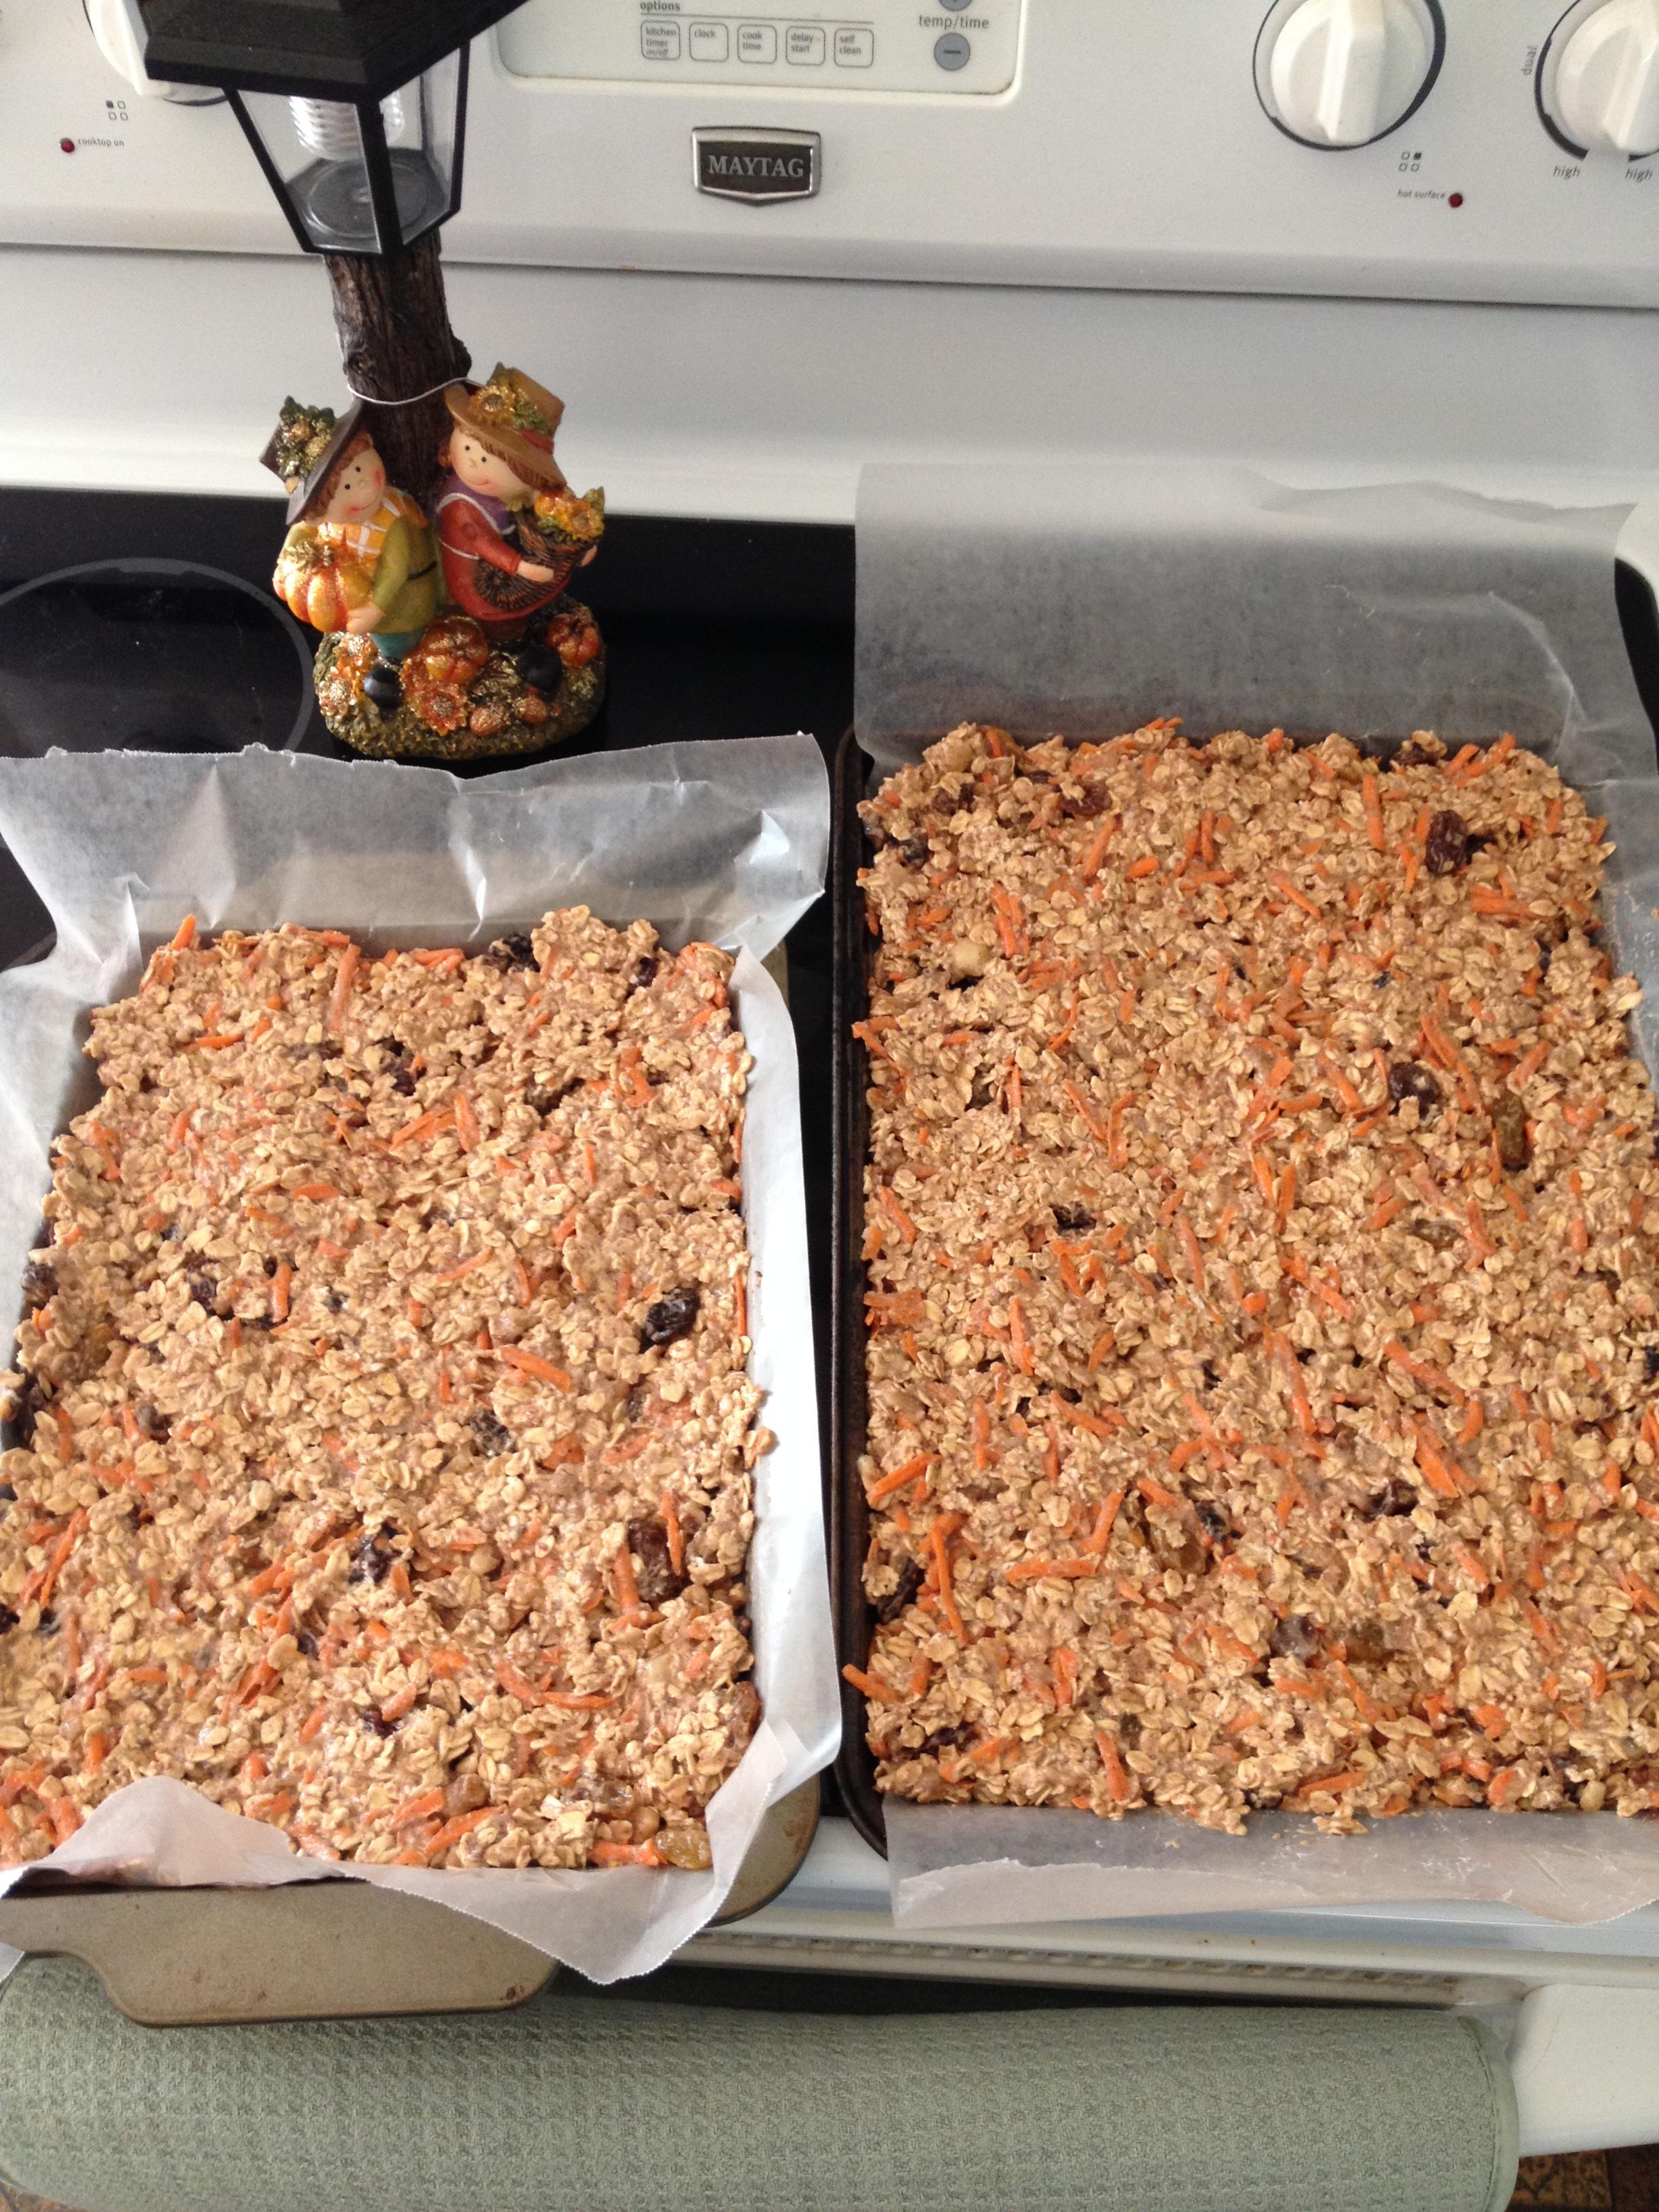 Vegan Amp Gluten Free Carrot Cake Baked Oatmeal Fitting